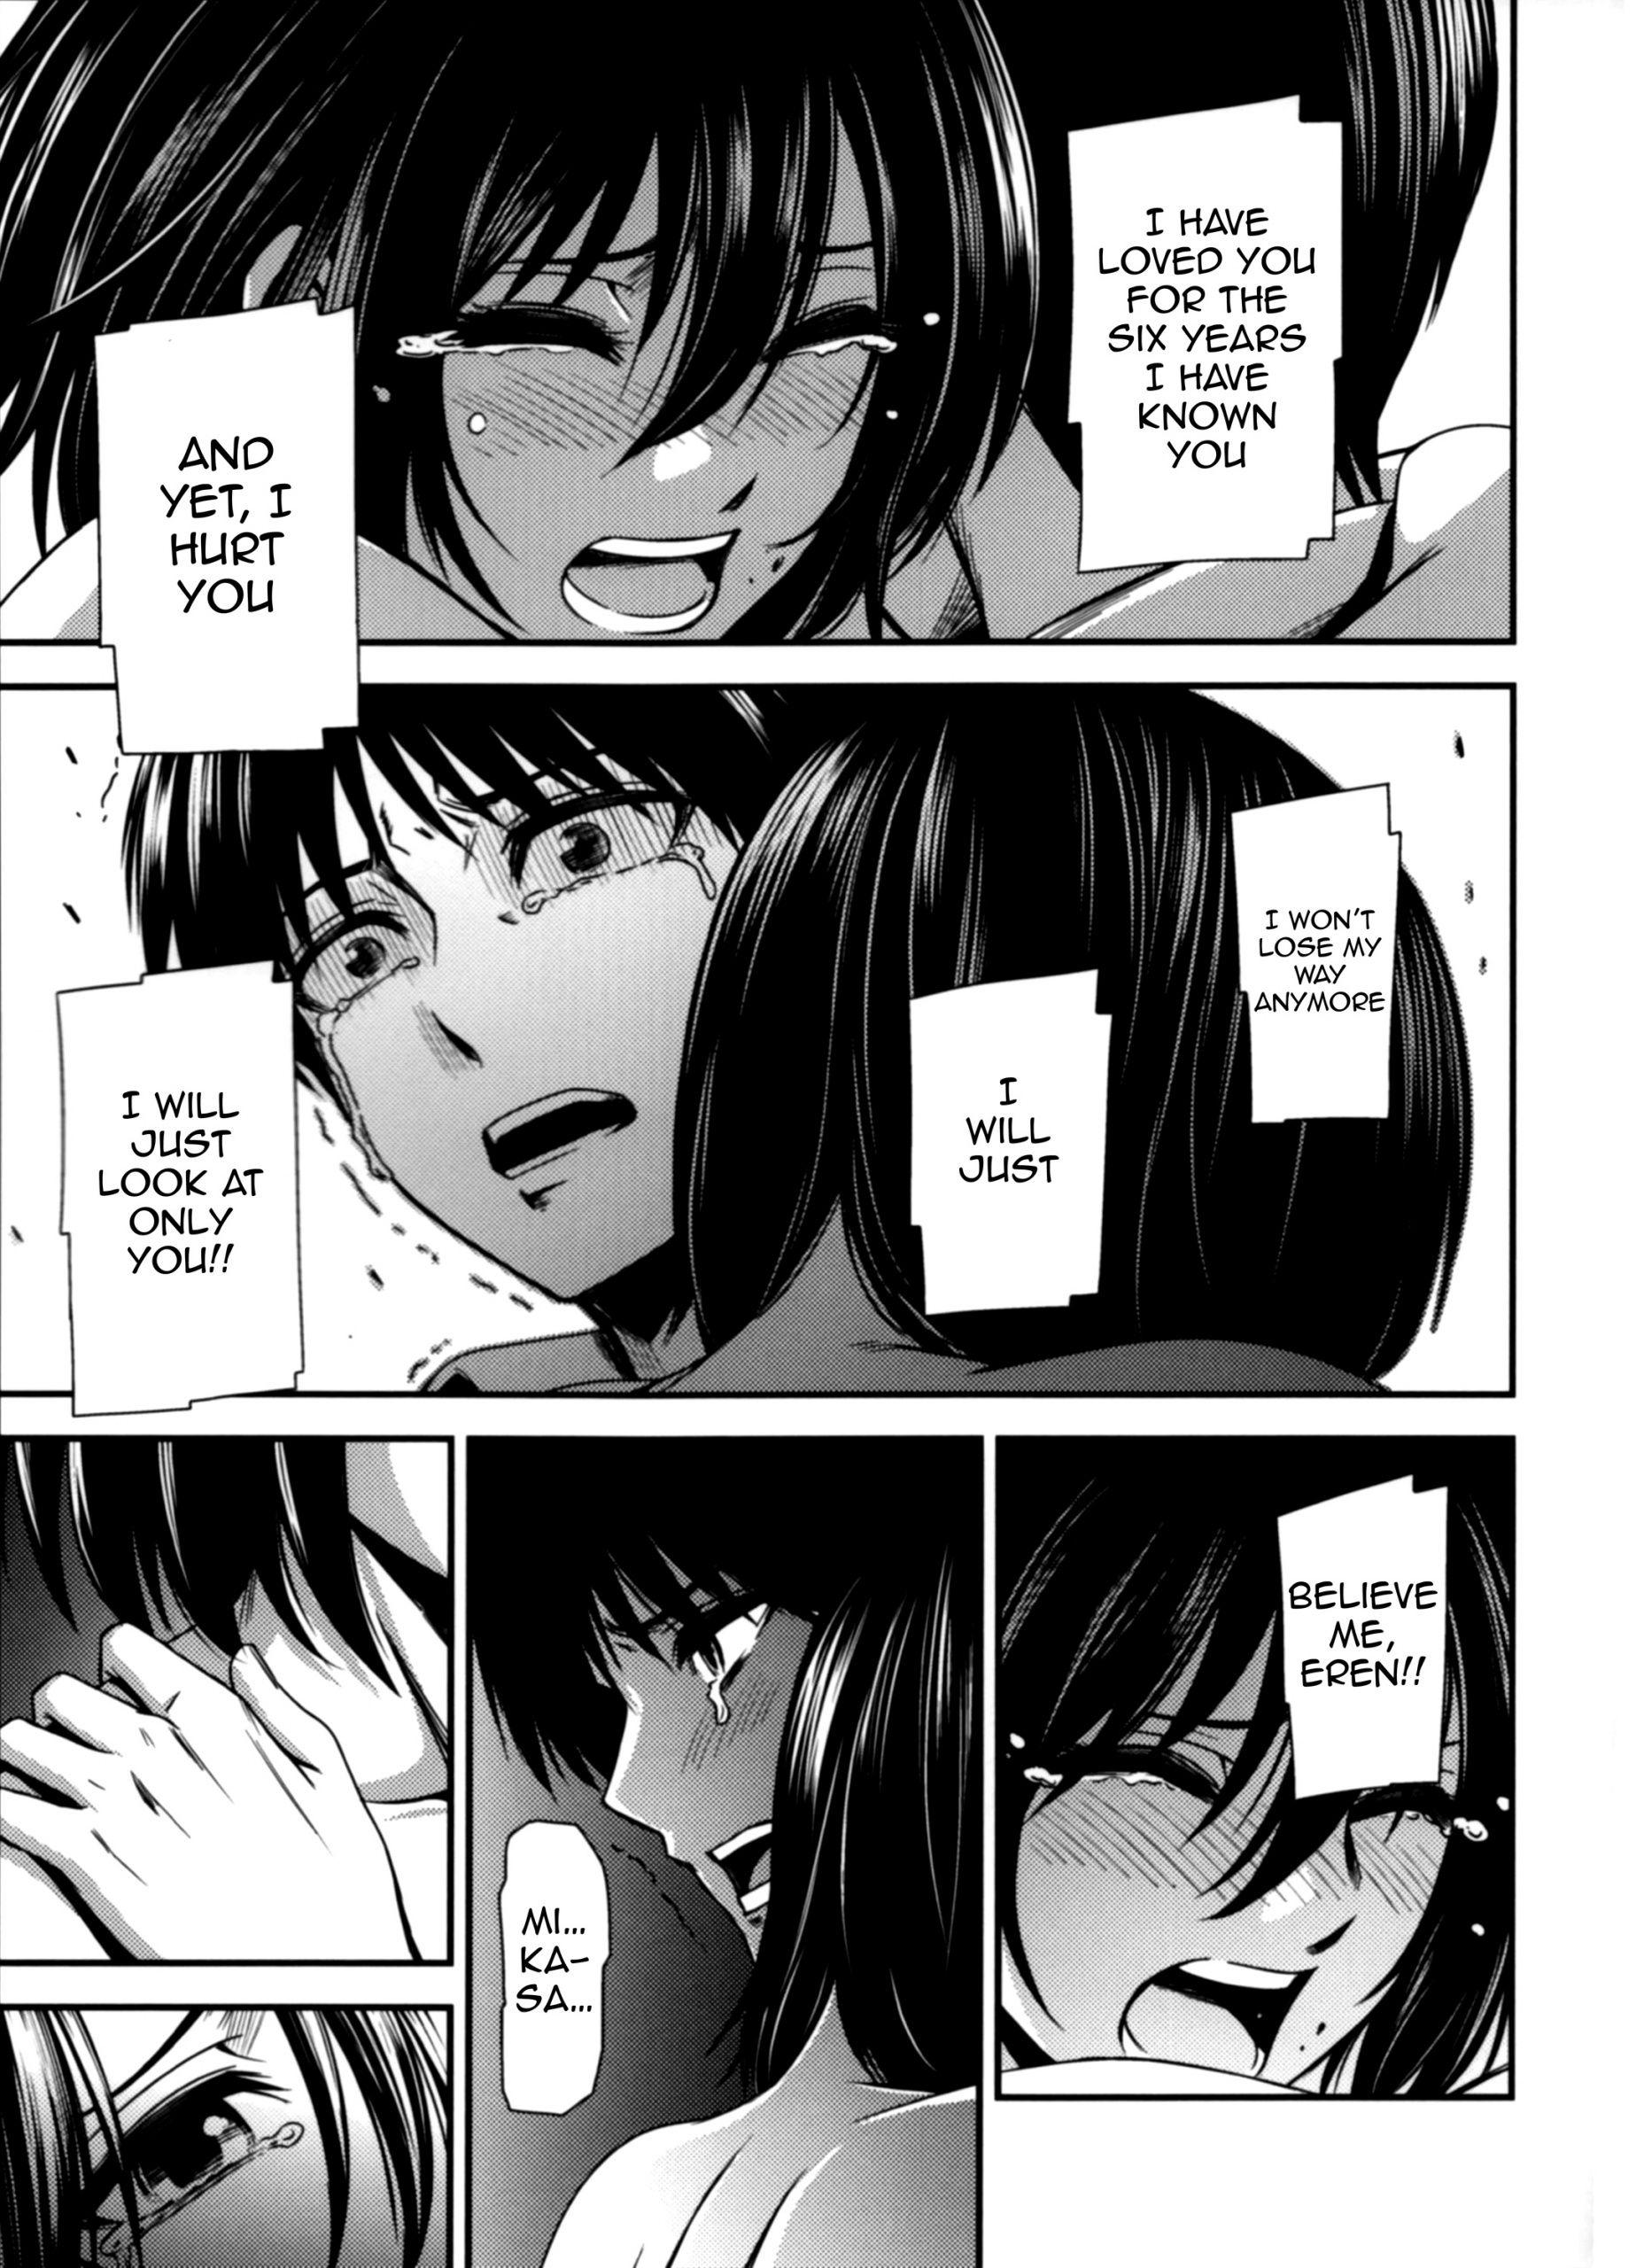 Gekishin yon hentai manga picture 36